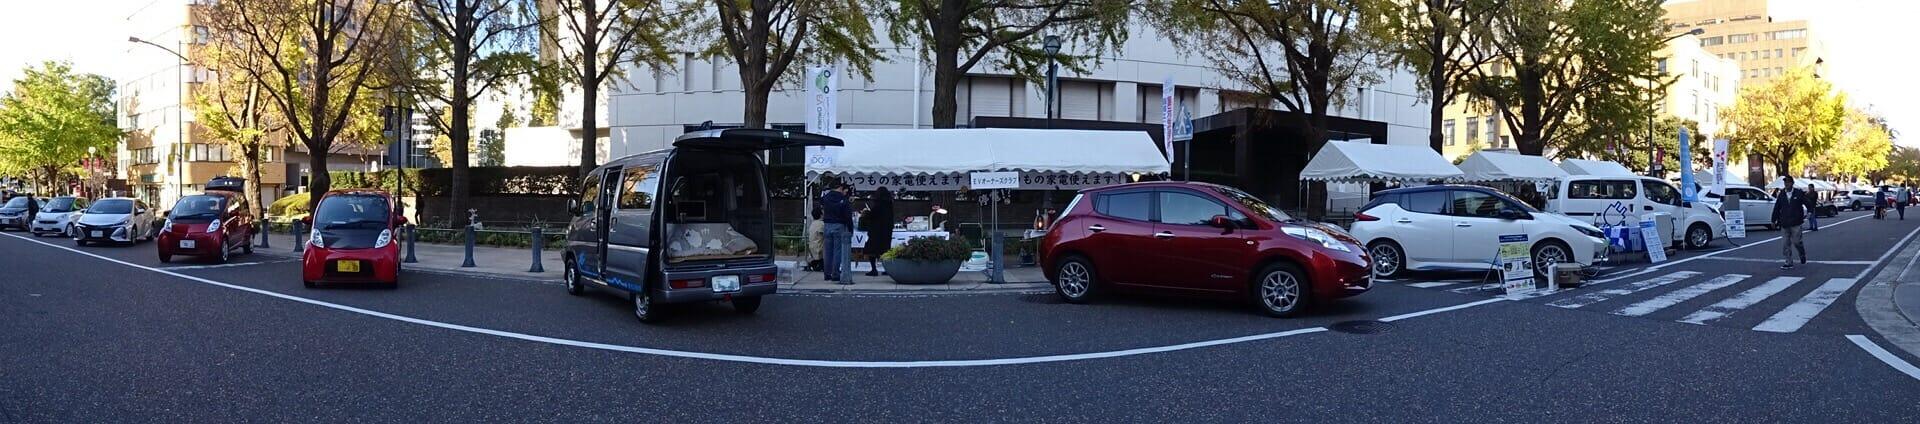 「神奈川県エコカー試乗会!in 日本大通り(2018/11/25)」のようす。